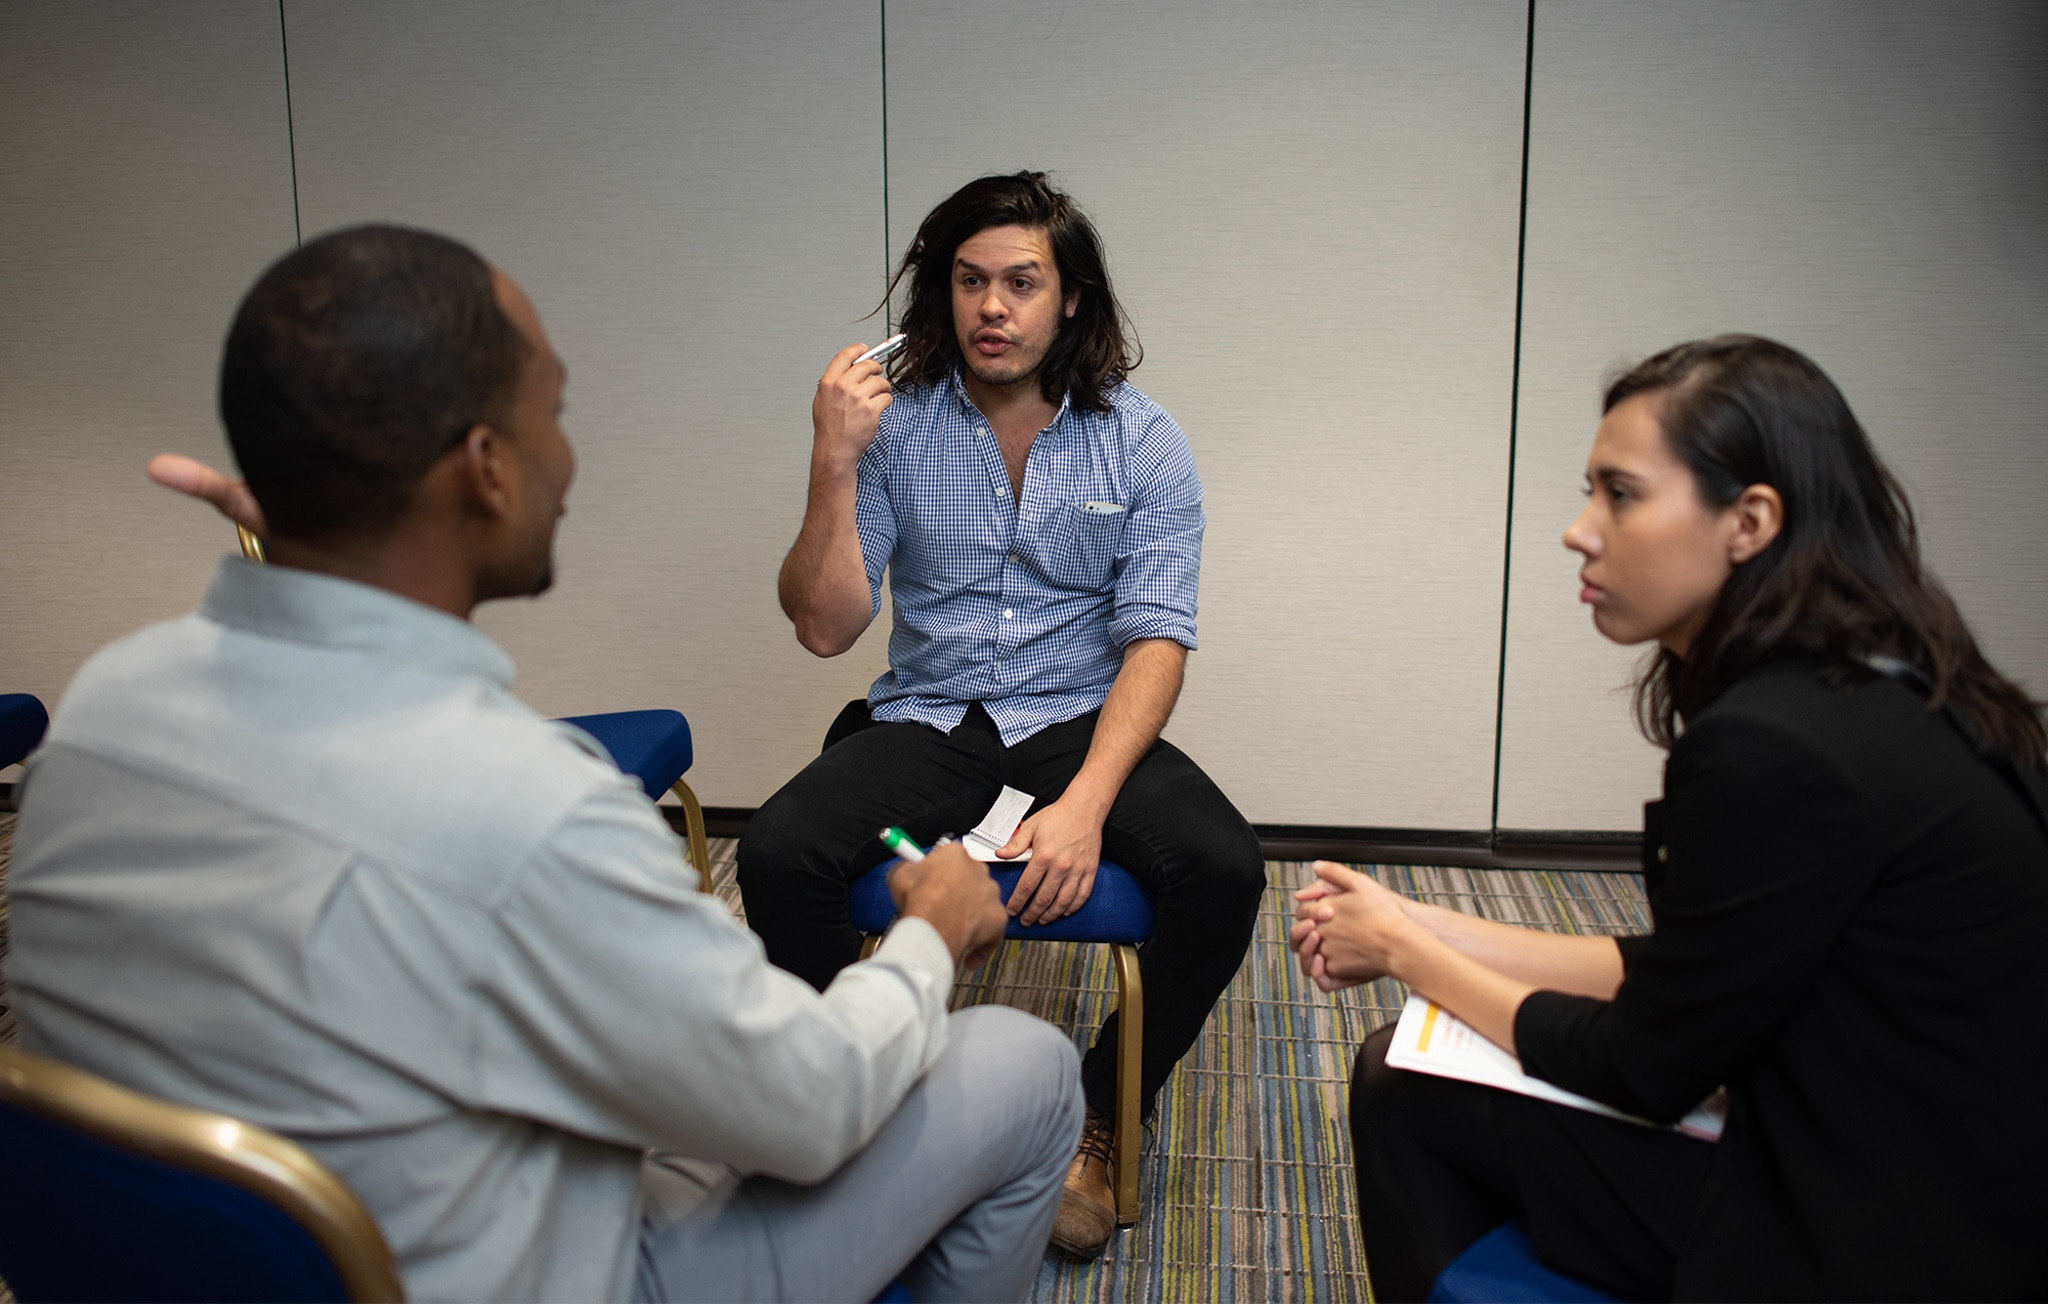 Trois jeunes, assis, en train de discuter (Daniel Durazo/Département d'État)